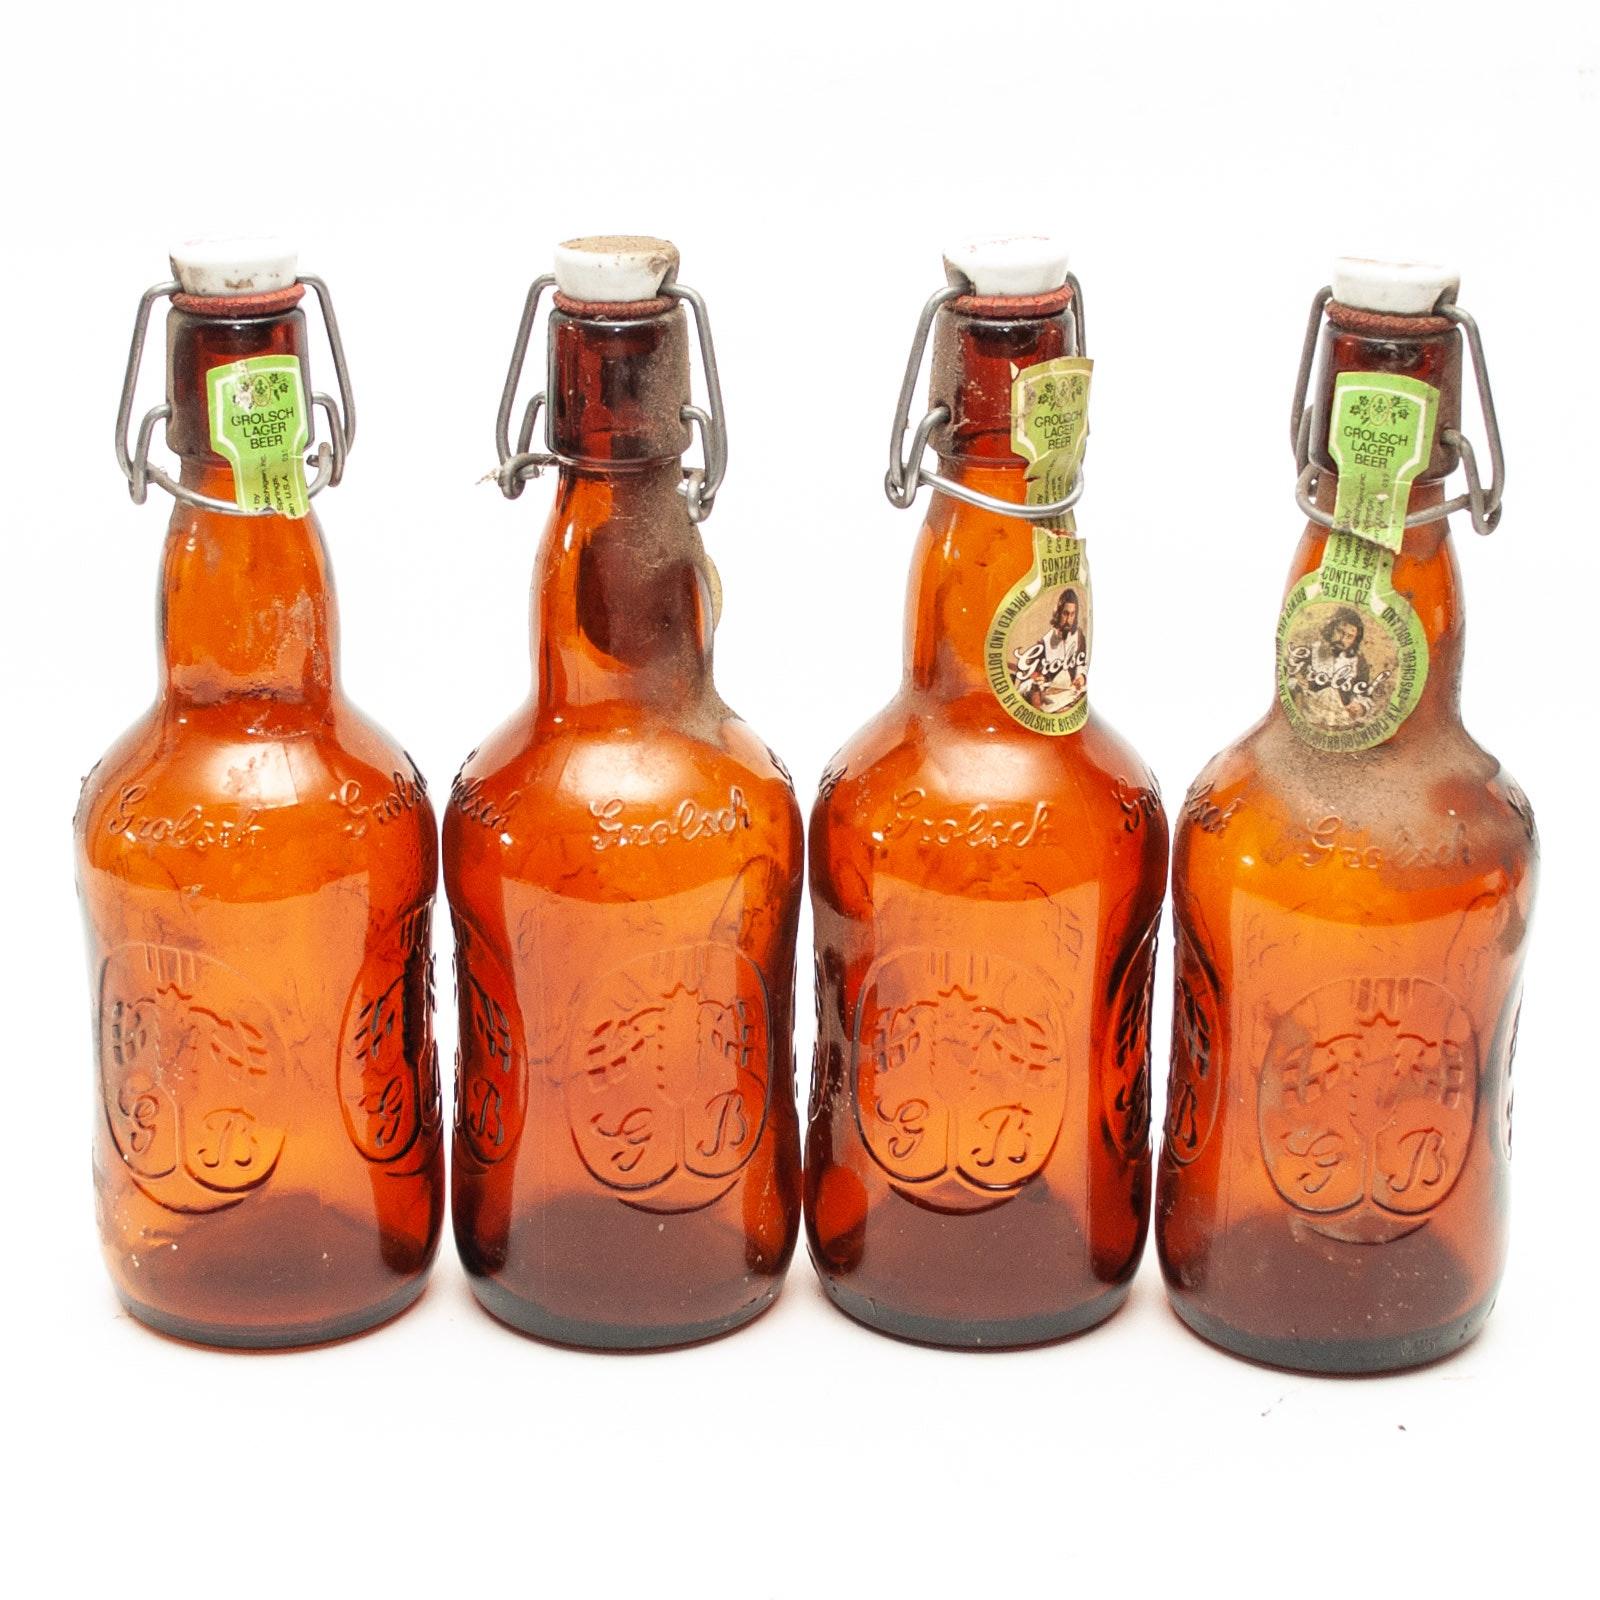 Vintage Grolsch Lager Beer Bottles